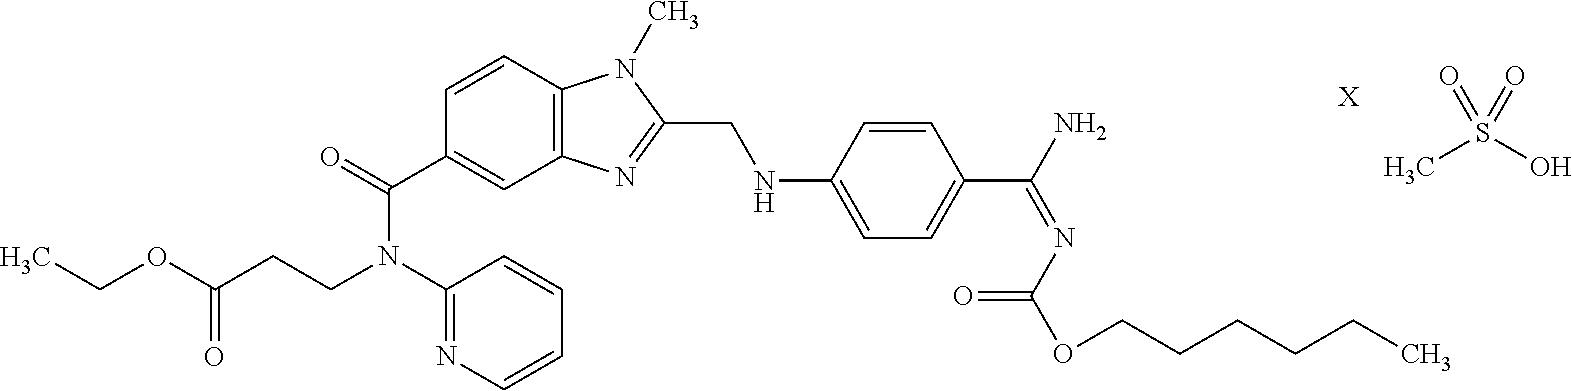 Figure US09925174-20180327-C00003